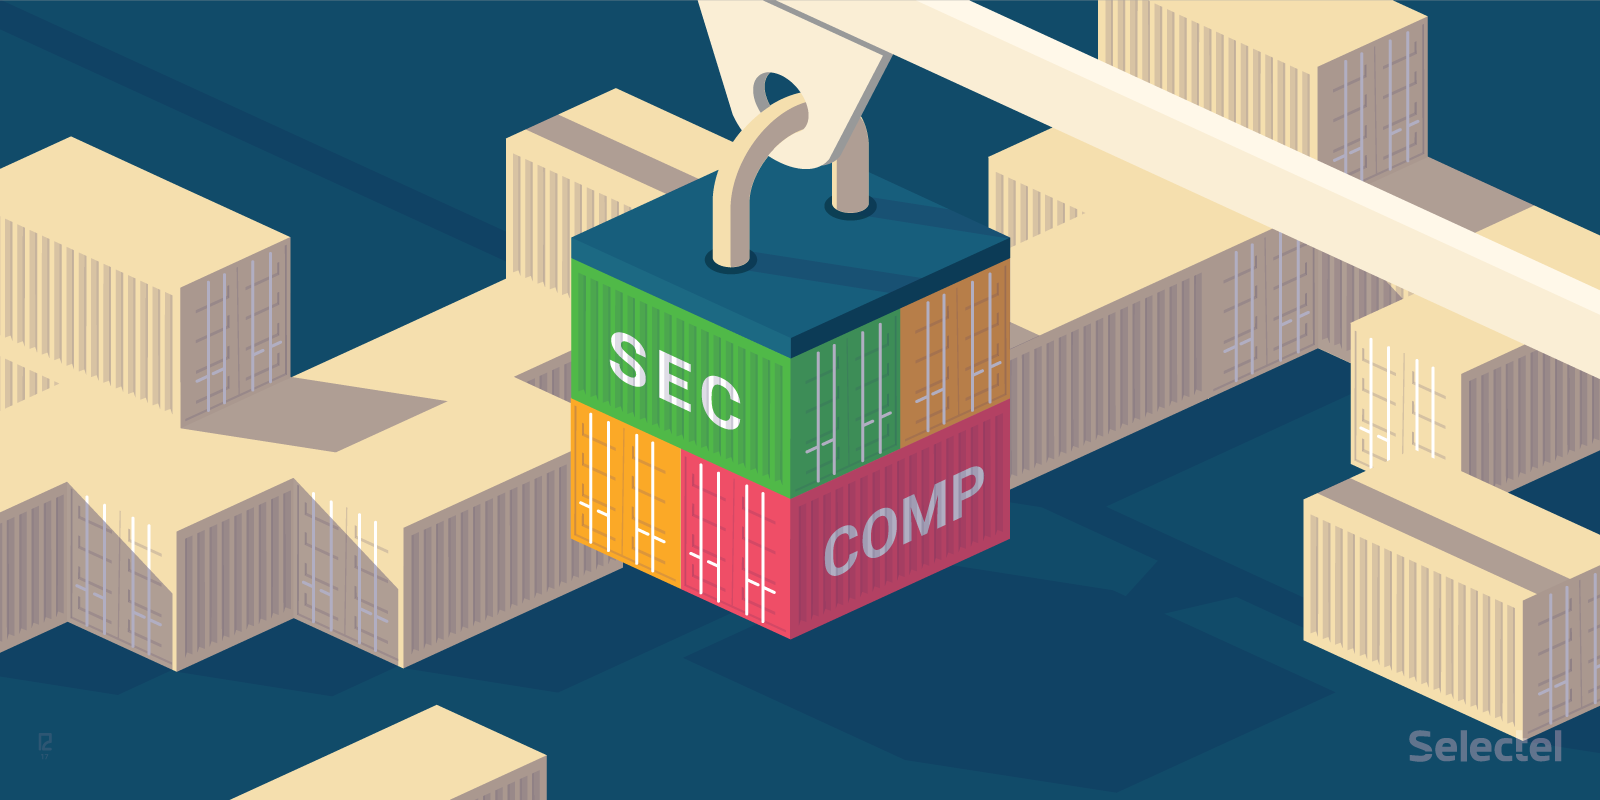 Контейнеры и безопасность: seccomp